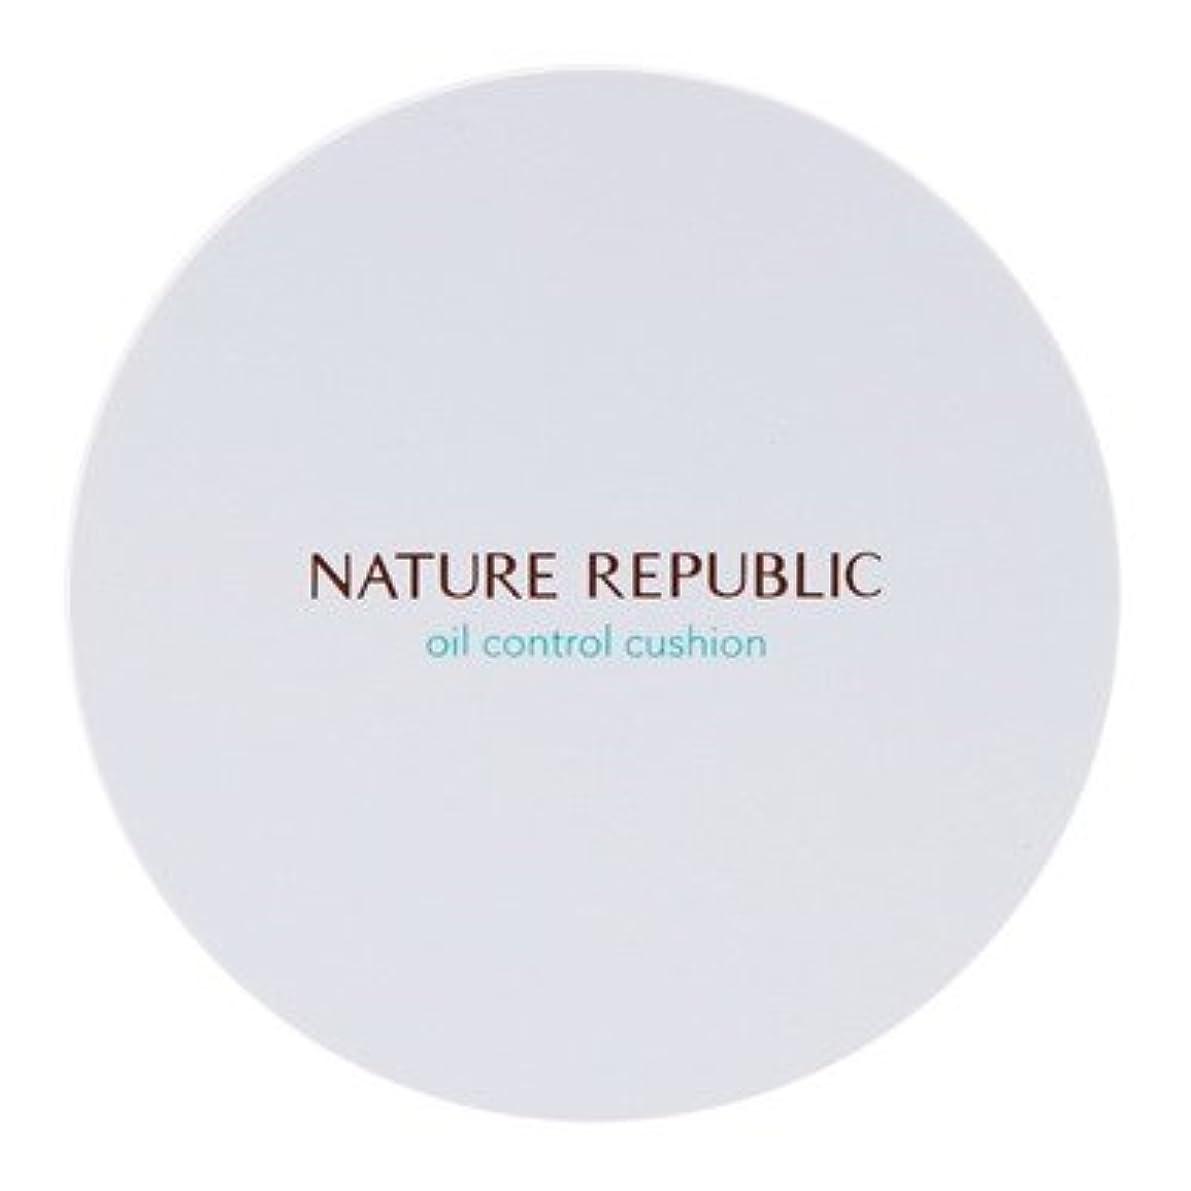 ポジションアンテナ過ち【NATURE REPUBLIC (ネイチャーリパブリック)】プロヴァンス エアスキンフィット オイルコントロール クッション 15g (SPF50+/ PA+++)(2カラー選択1) (02 ナチュラルベージュ) [並行輸入品]